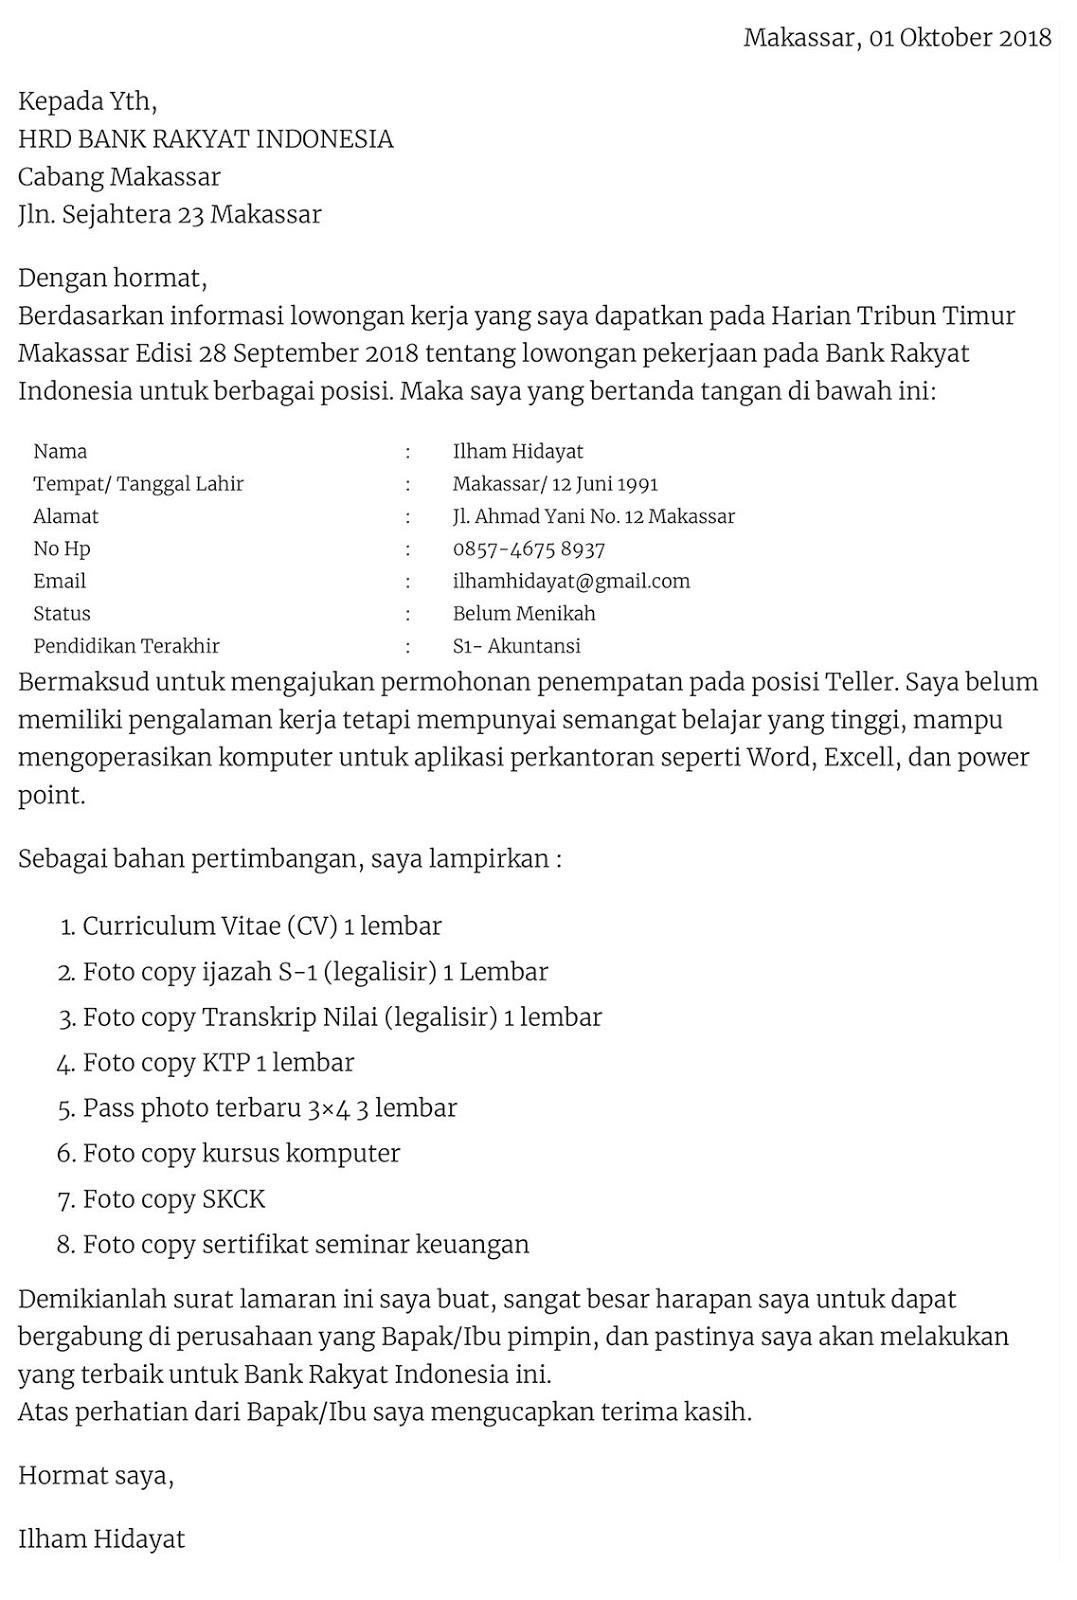 contoh surat lamaran kerja bahasa inggris untuk profesi guru. Contoh Surat Lamaran Kerja - Lowongan Kerja Kalimantan Tengah